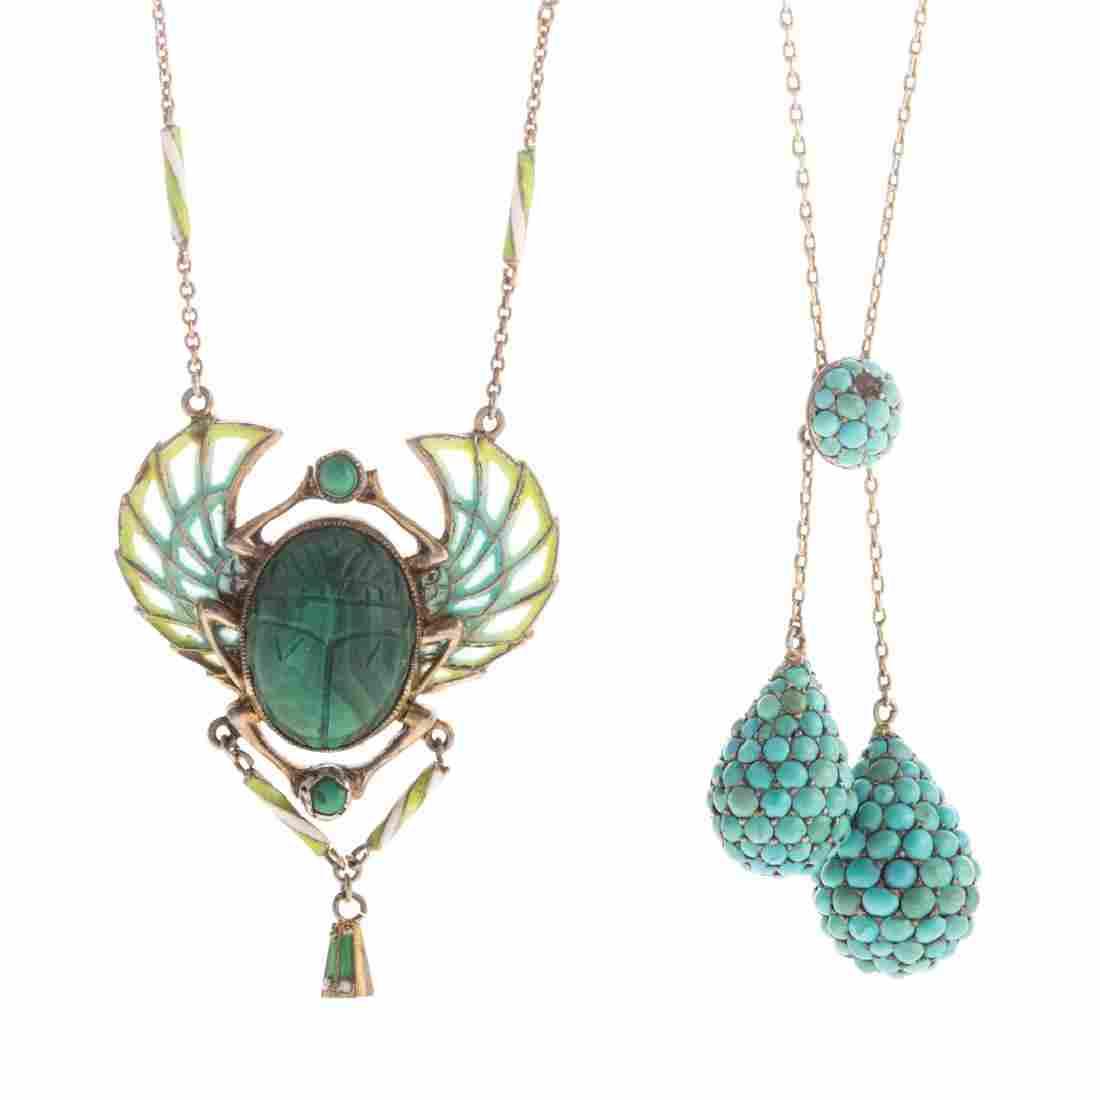 An Art Nouveau Necklace & Turquoise Lariat